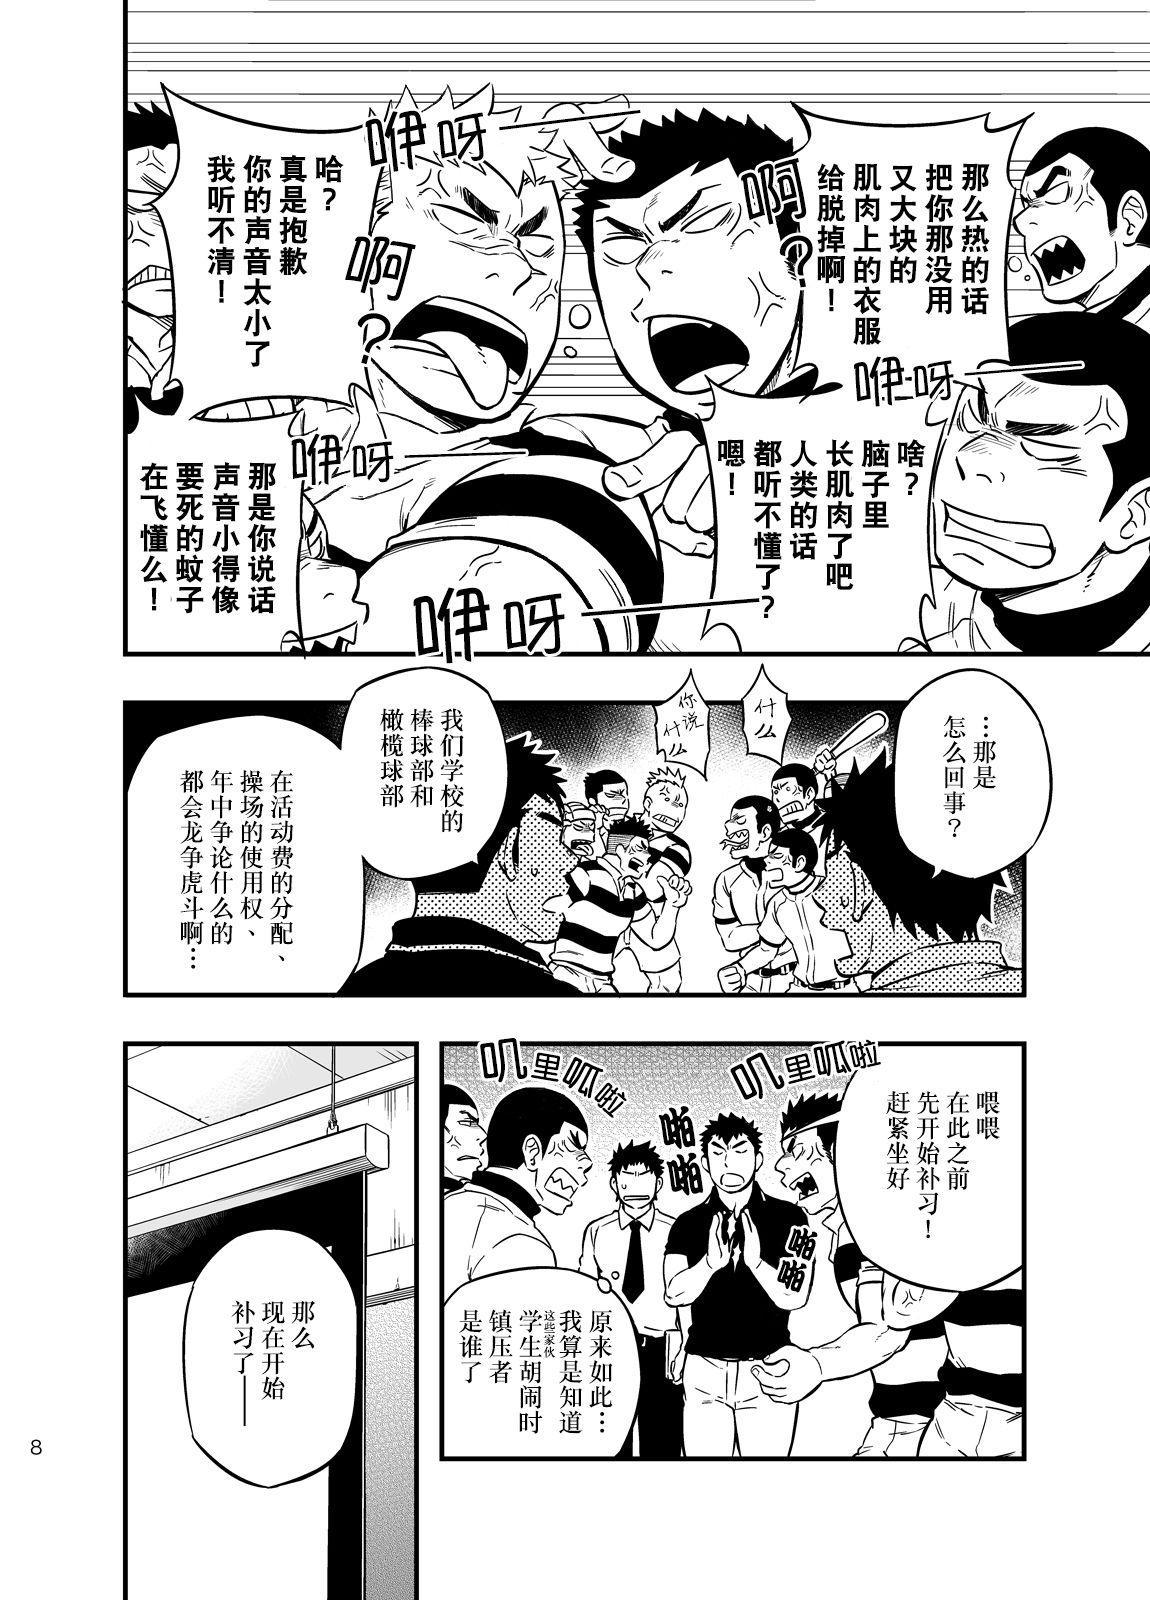 Moshimo Danshikou no Hoken Taiiku ga Jitsugi Ari Dattara 2 | 如果男校的保健体育课有实践环节的话 2 6